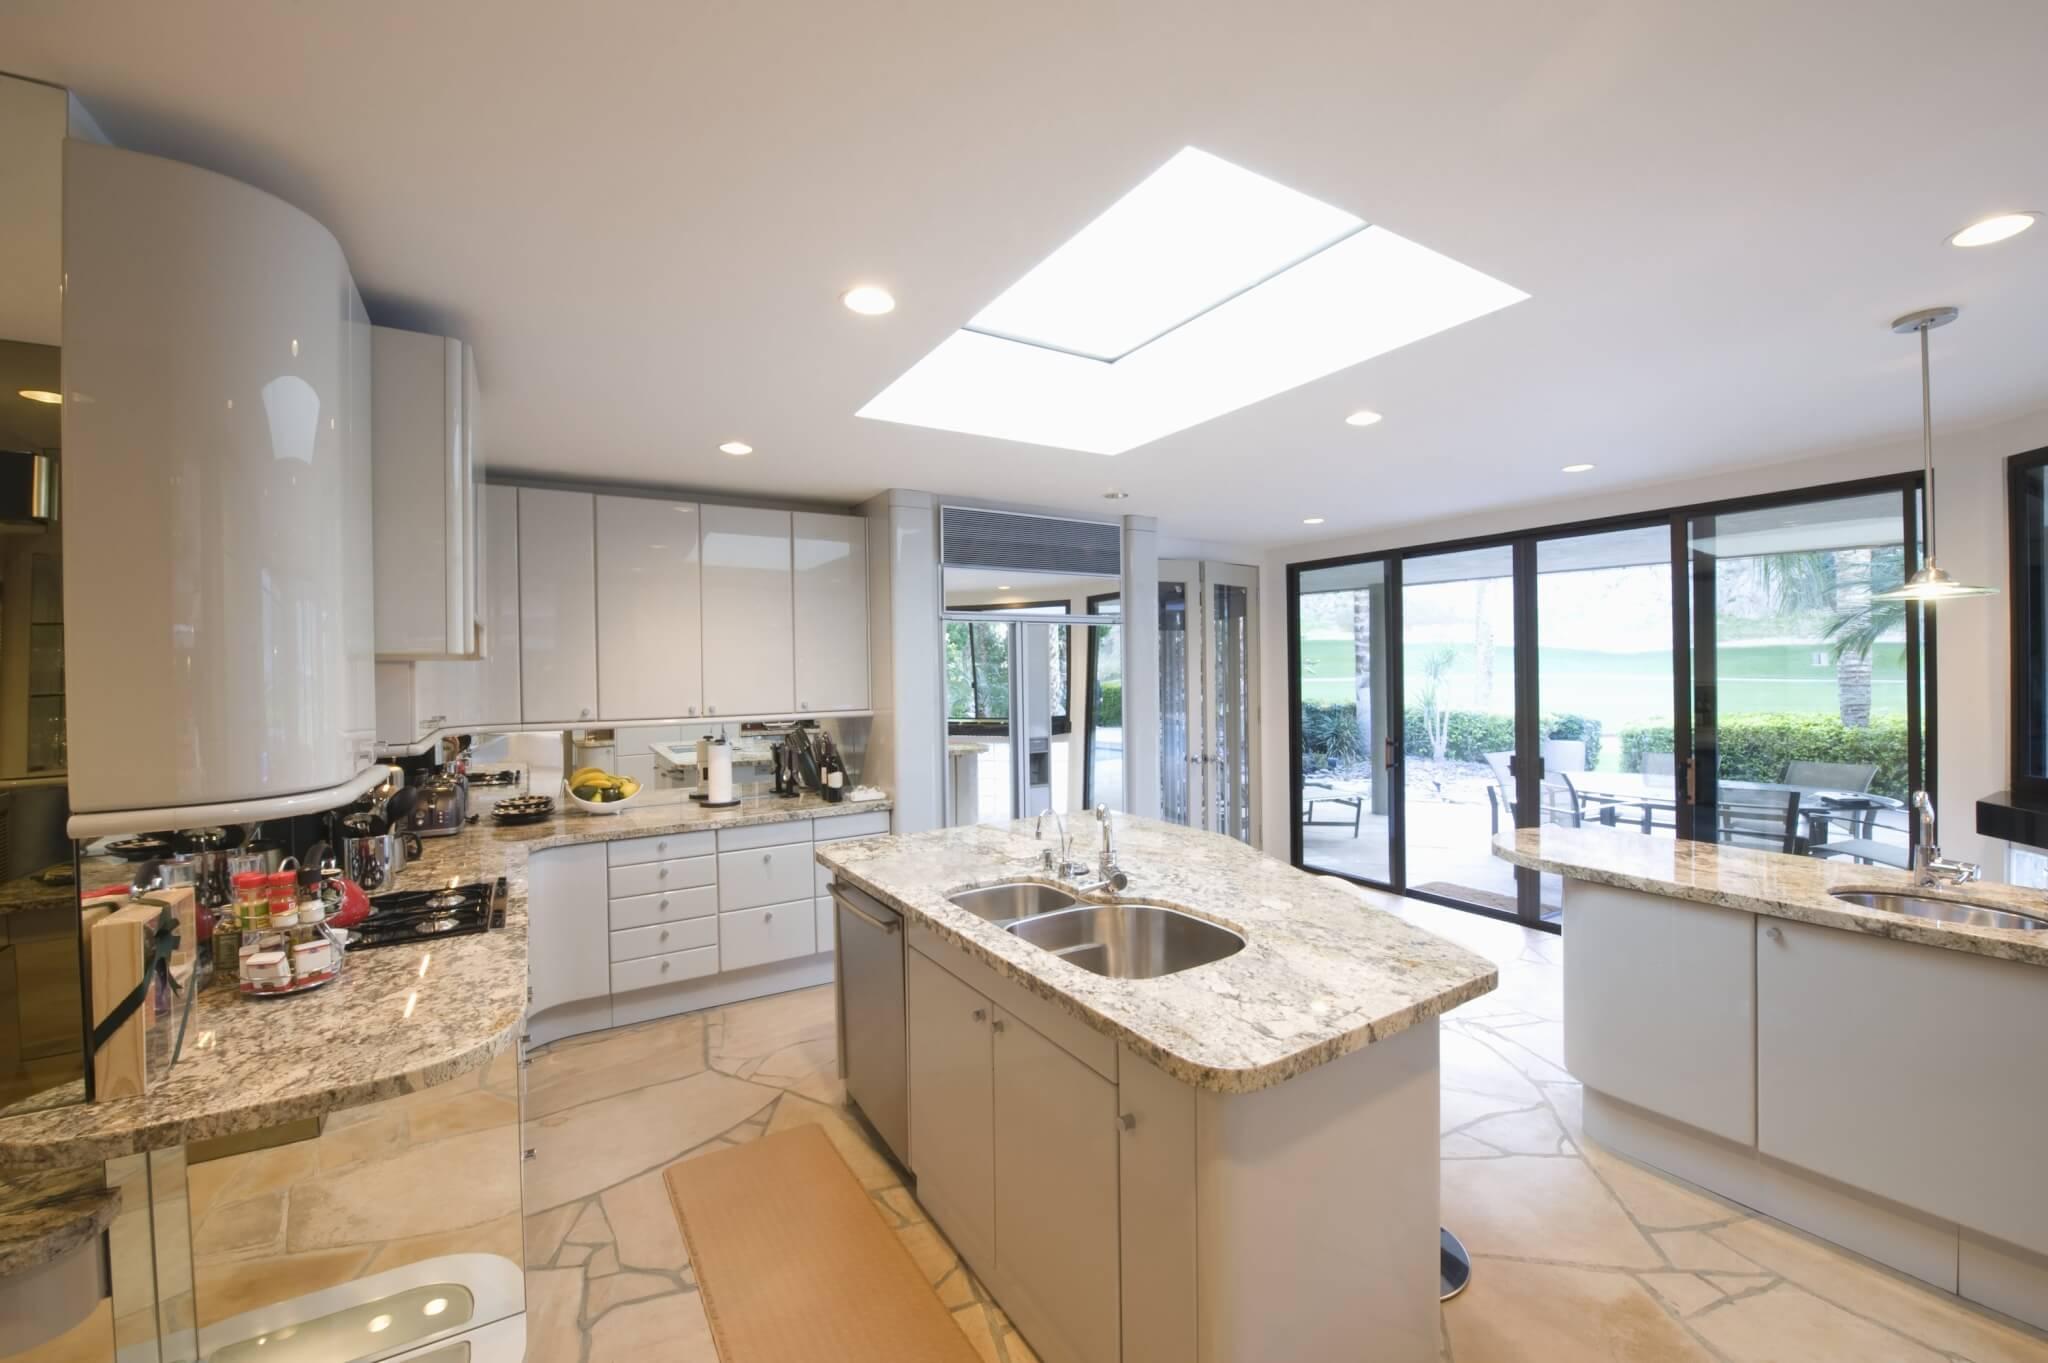 rsz_kitchen_design 5 Popular Kitchen Designs